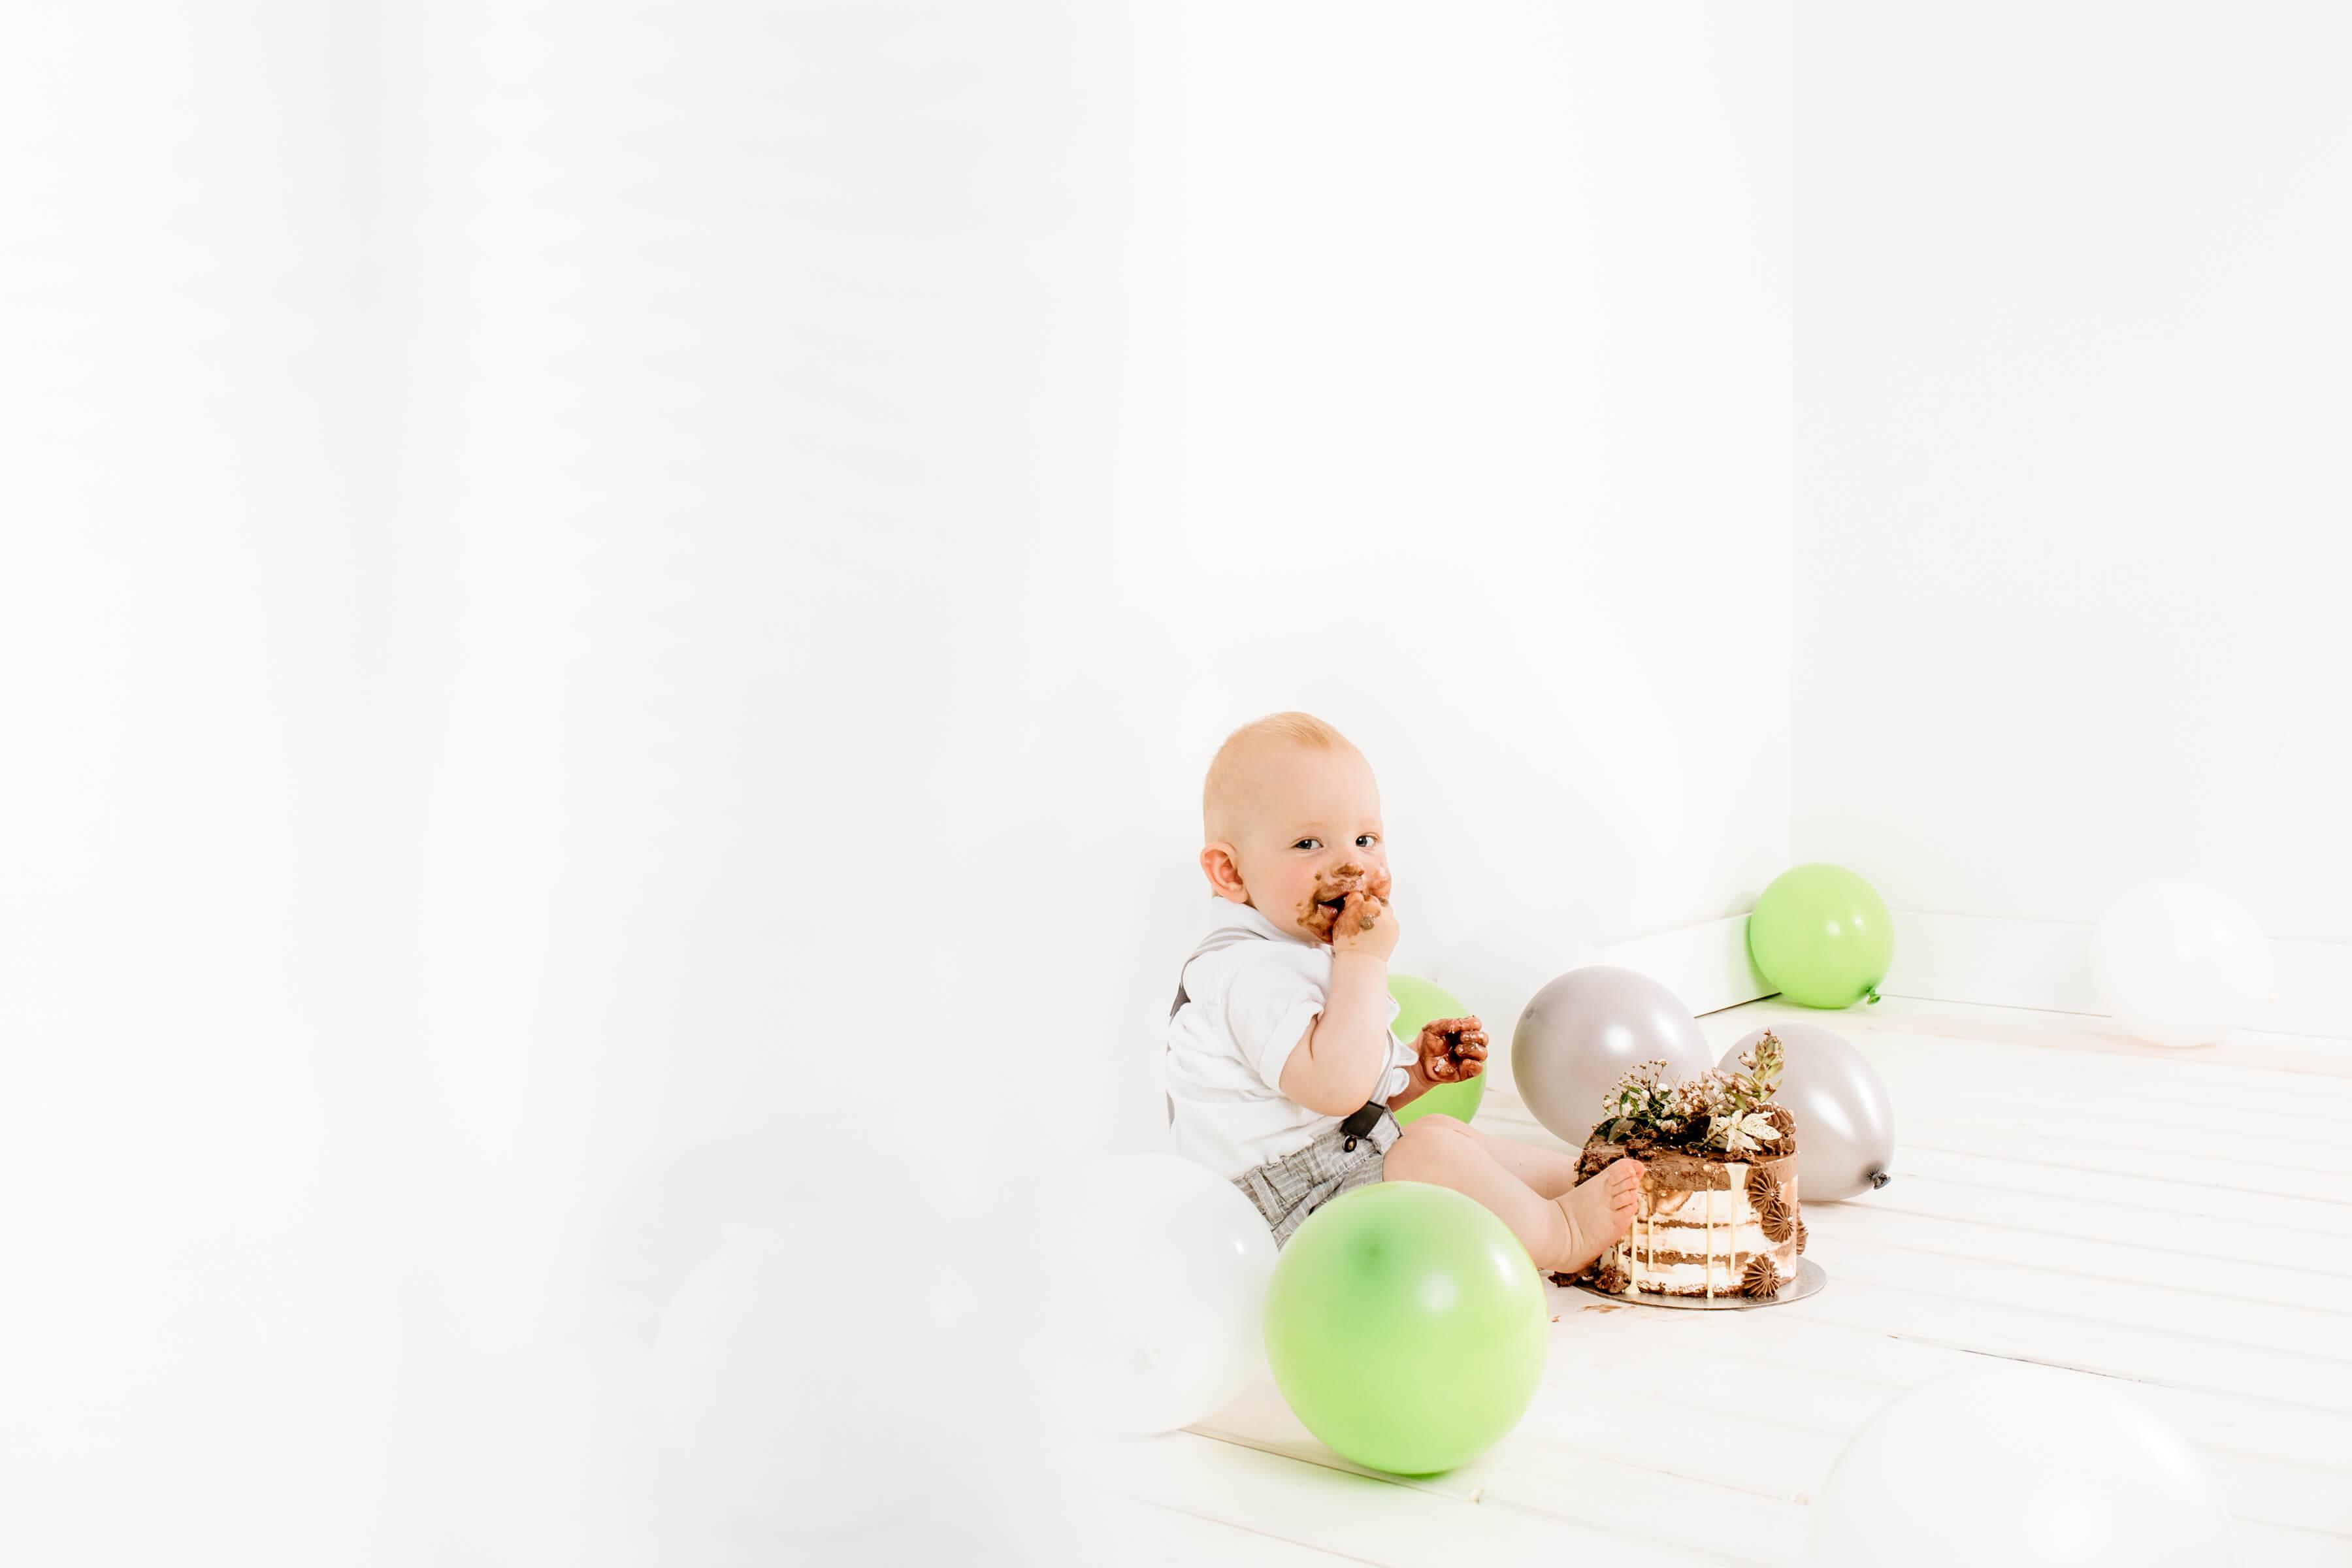 Cake-smash-fotografiranje-Luanina-pravljica-fotografiranje-nosecnic-novorojenckov-druzin-malckov-1